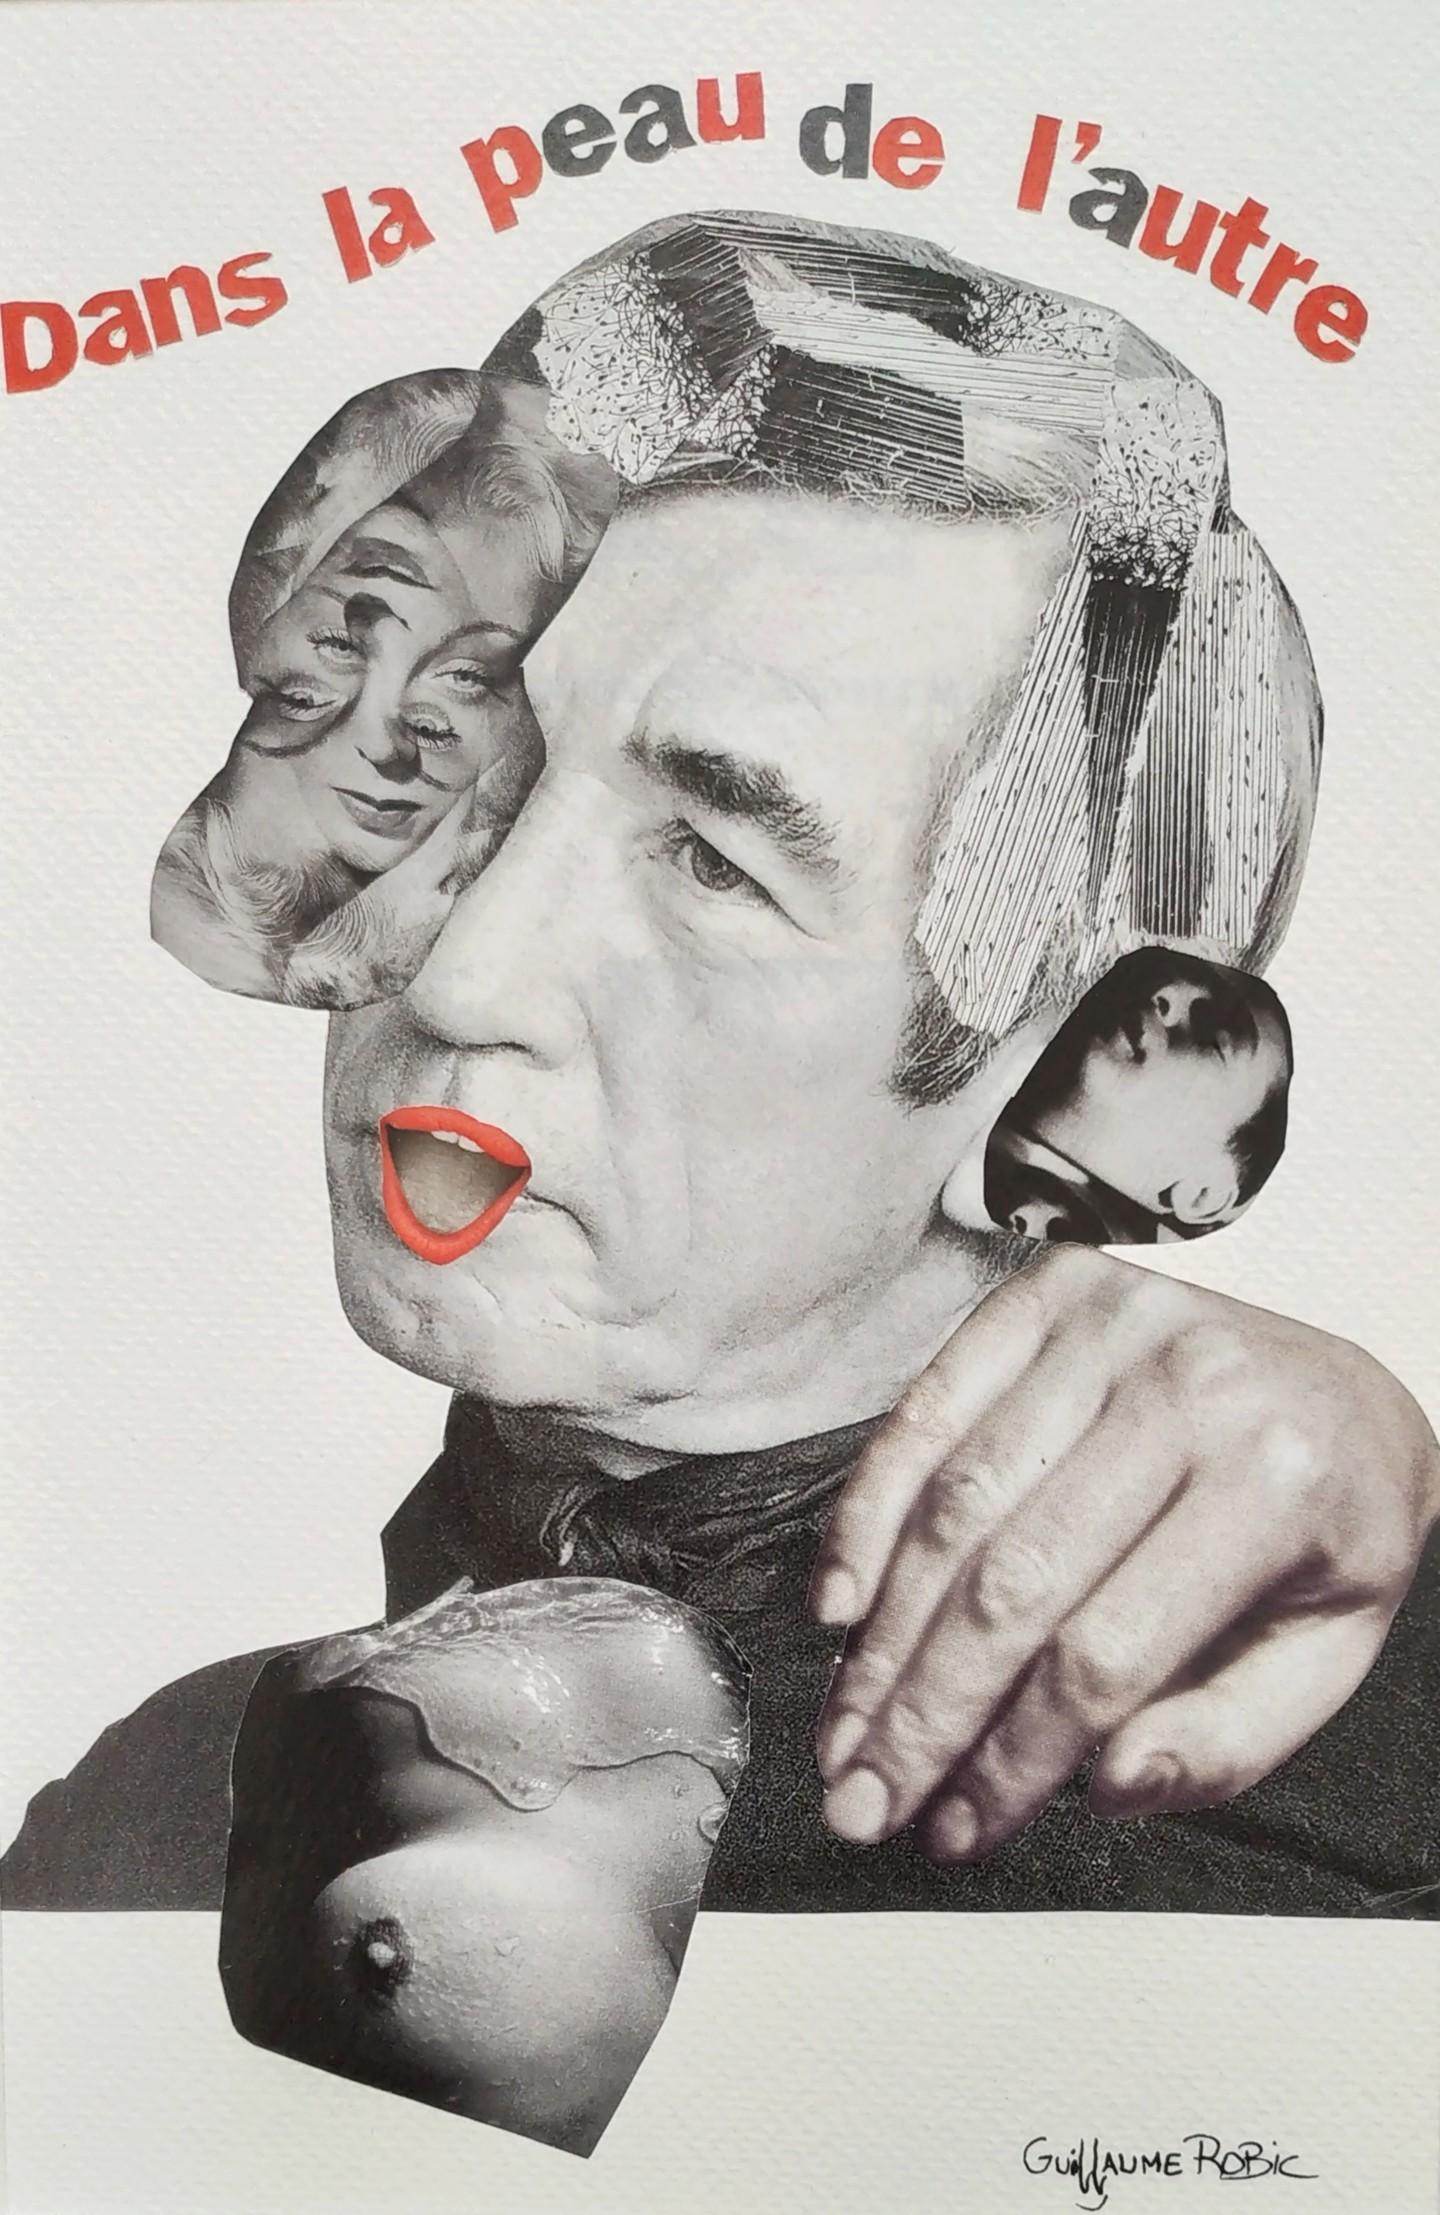 Guillaume Robic - Dans la peau de l'autre